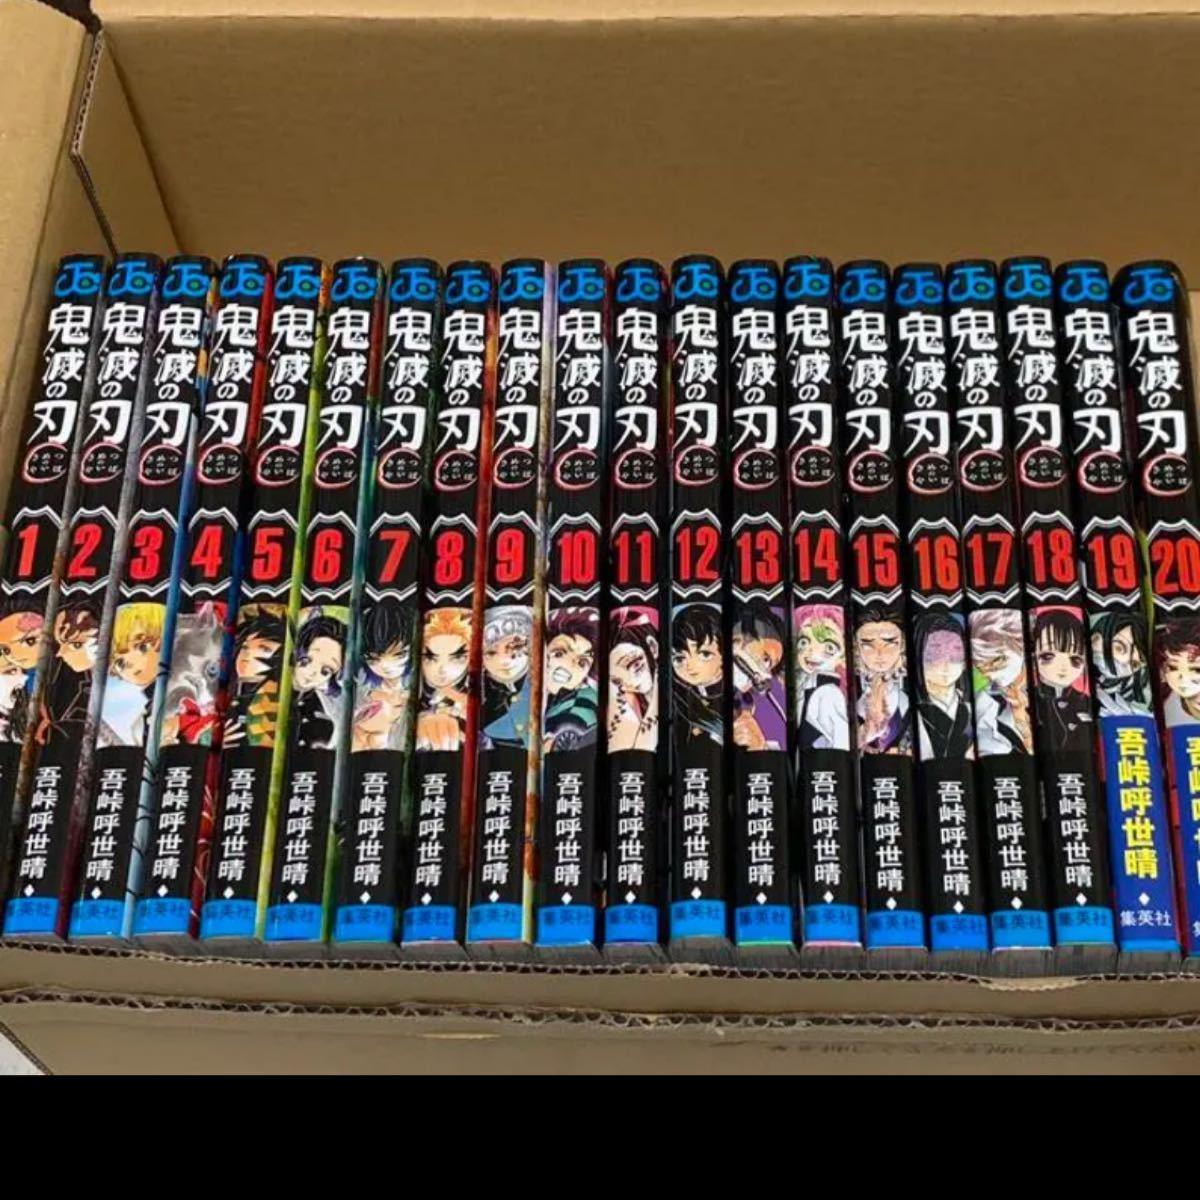 鬼滅の刃 1〜20巻 全巻セット 鬼滅ノ刃 全巻